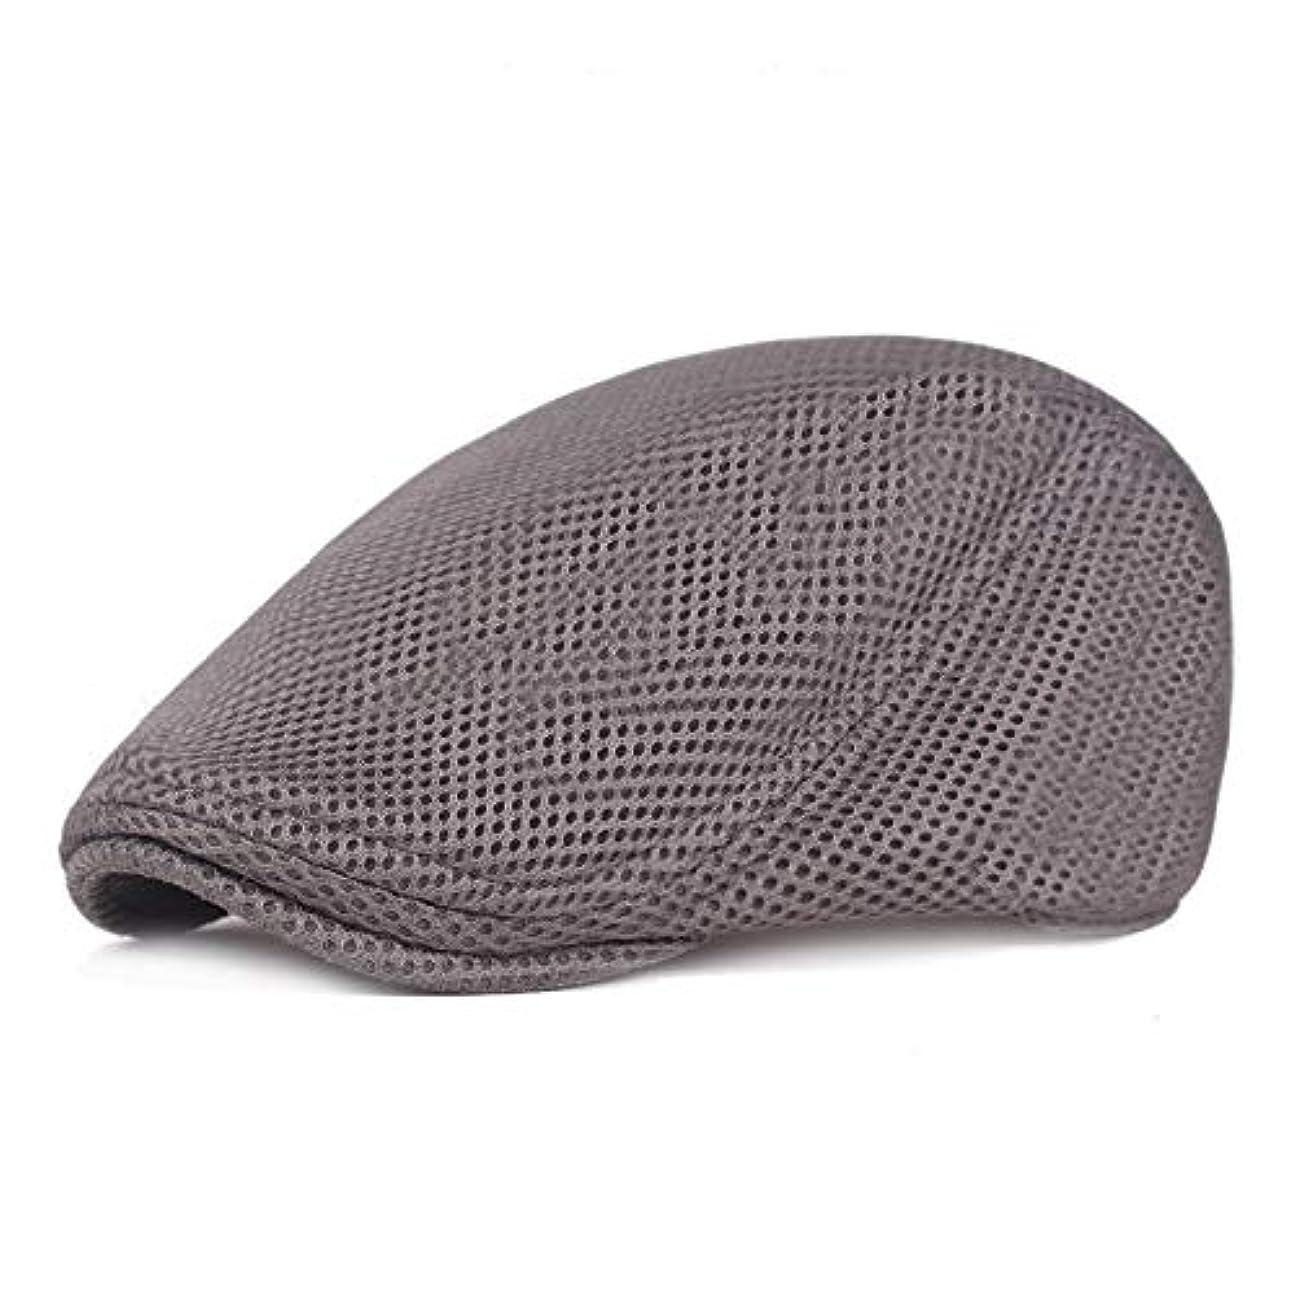 コンピューターホップ太字メッシュ ハンチング キャップ 夏用 綿 ベレー帽 調整可能ワークキャップ アウトドアキャップ 男女兼用